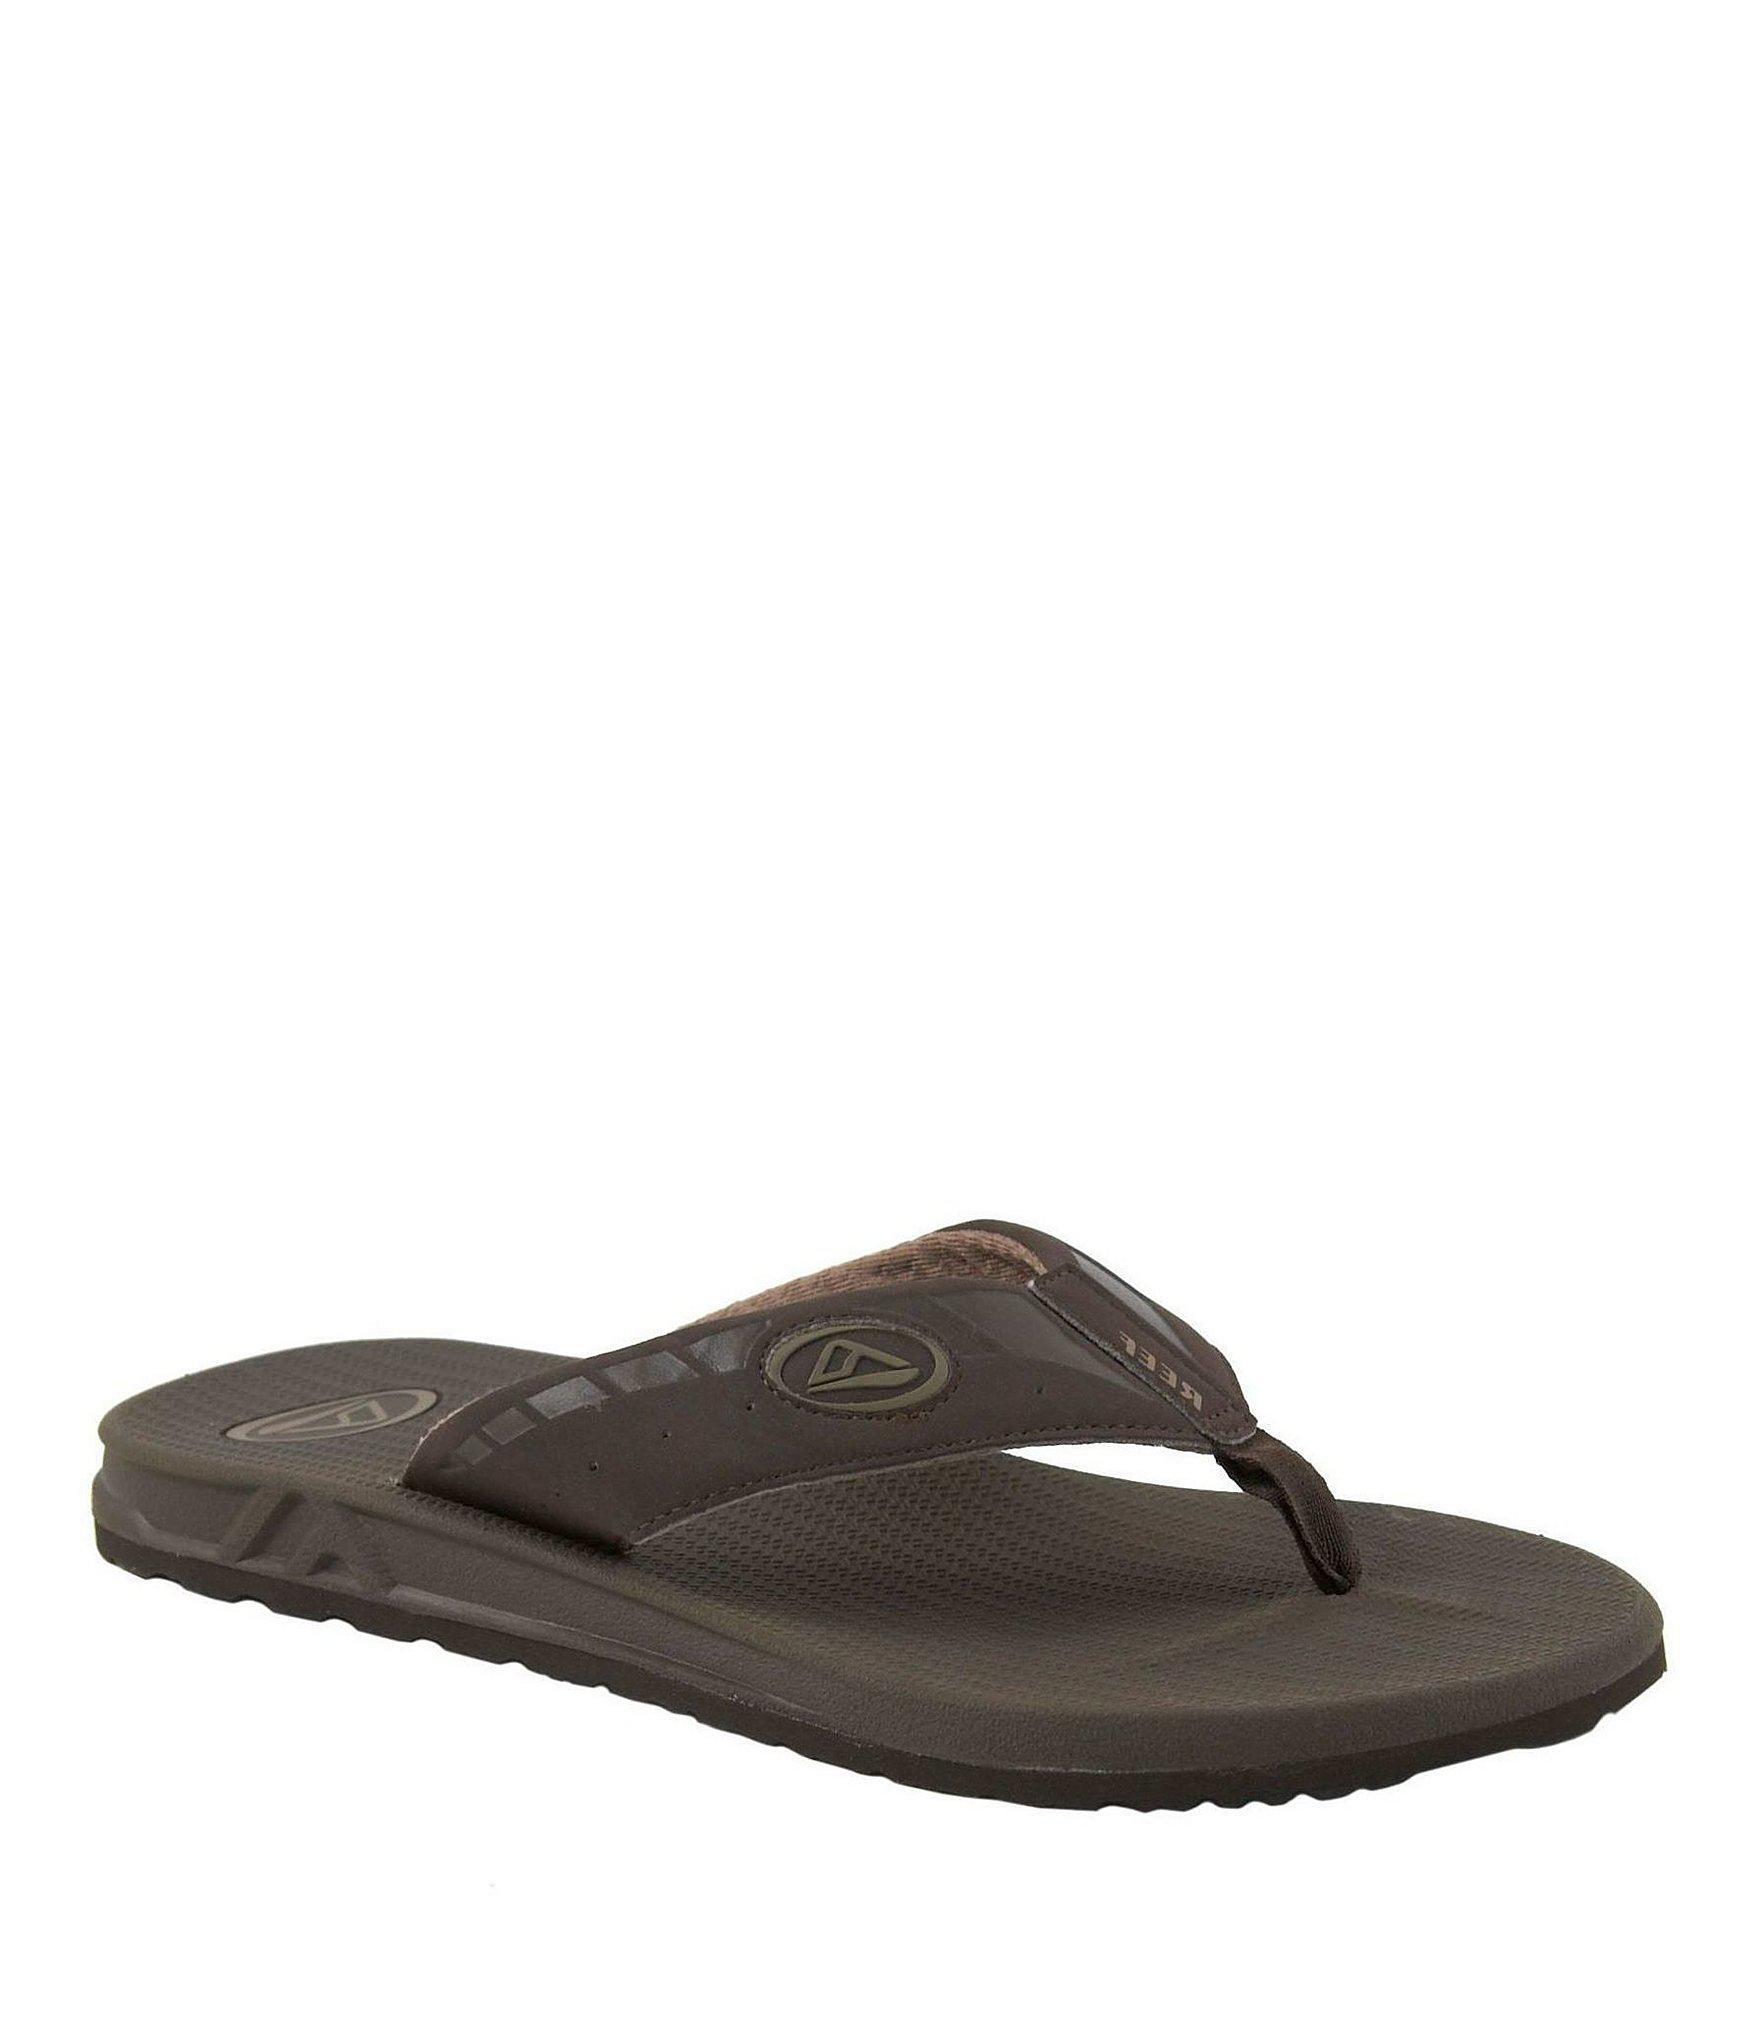 d5af03f739c7 Reef Phantoms Thong Sandals in Brown for Men - Lyst